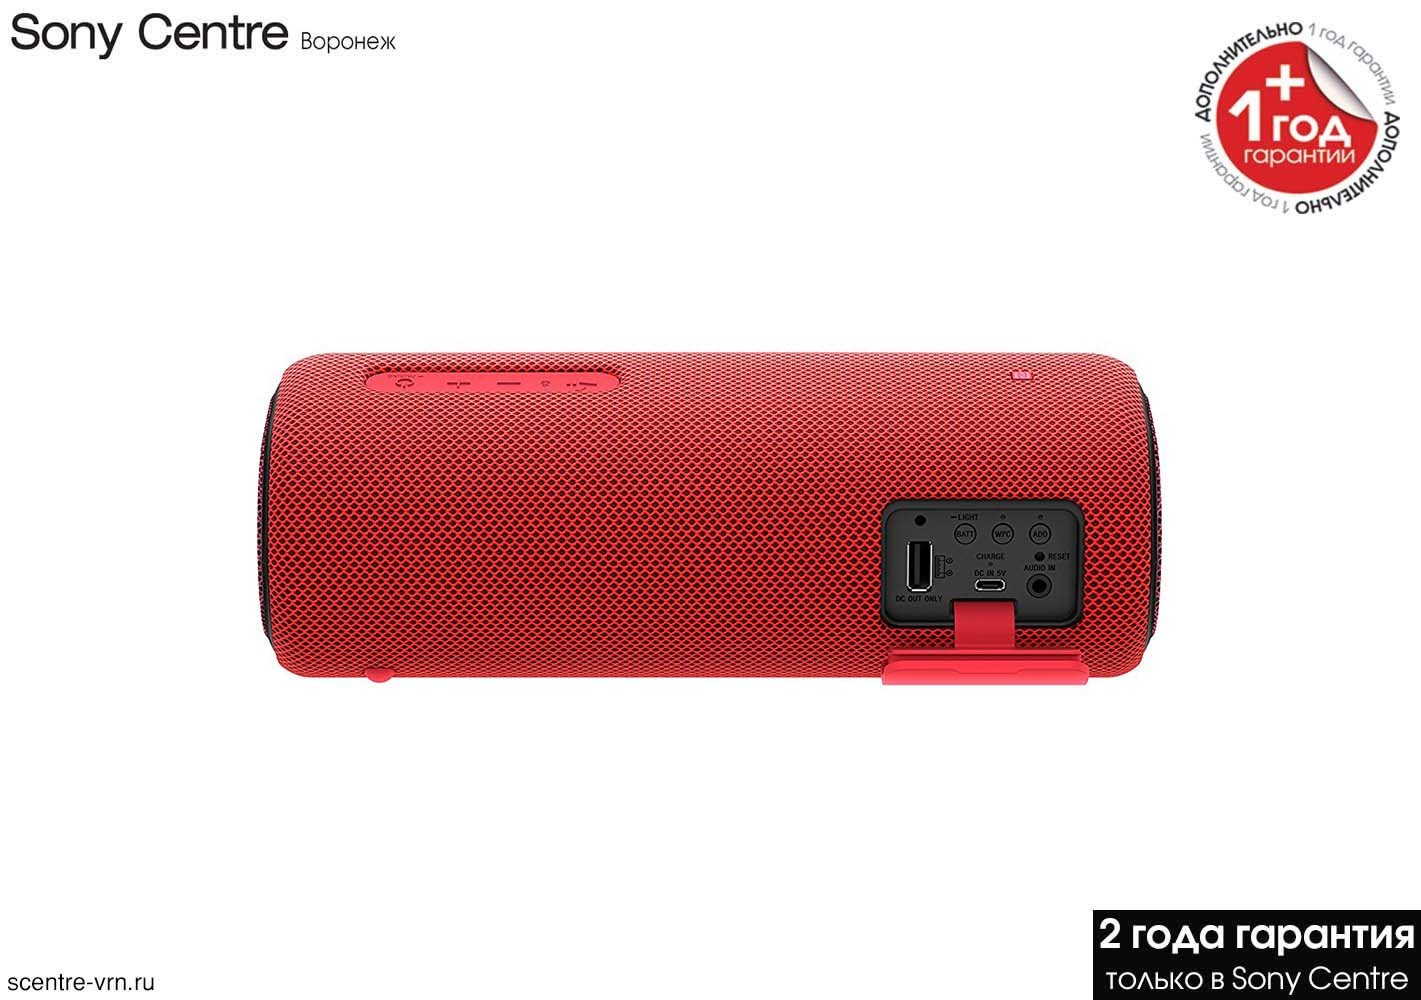 Купить Sony SRS-XB31R в Sony Centre Воронеж